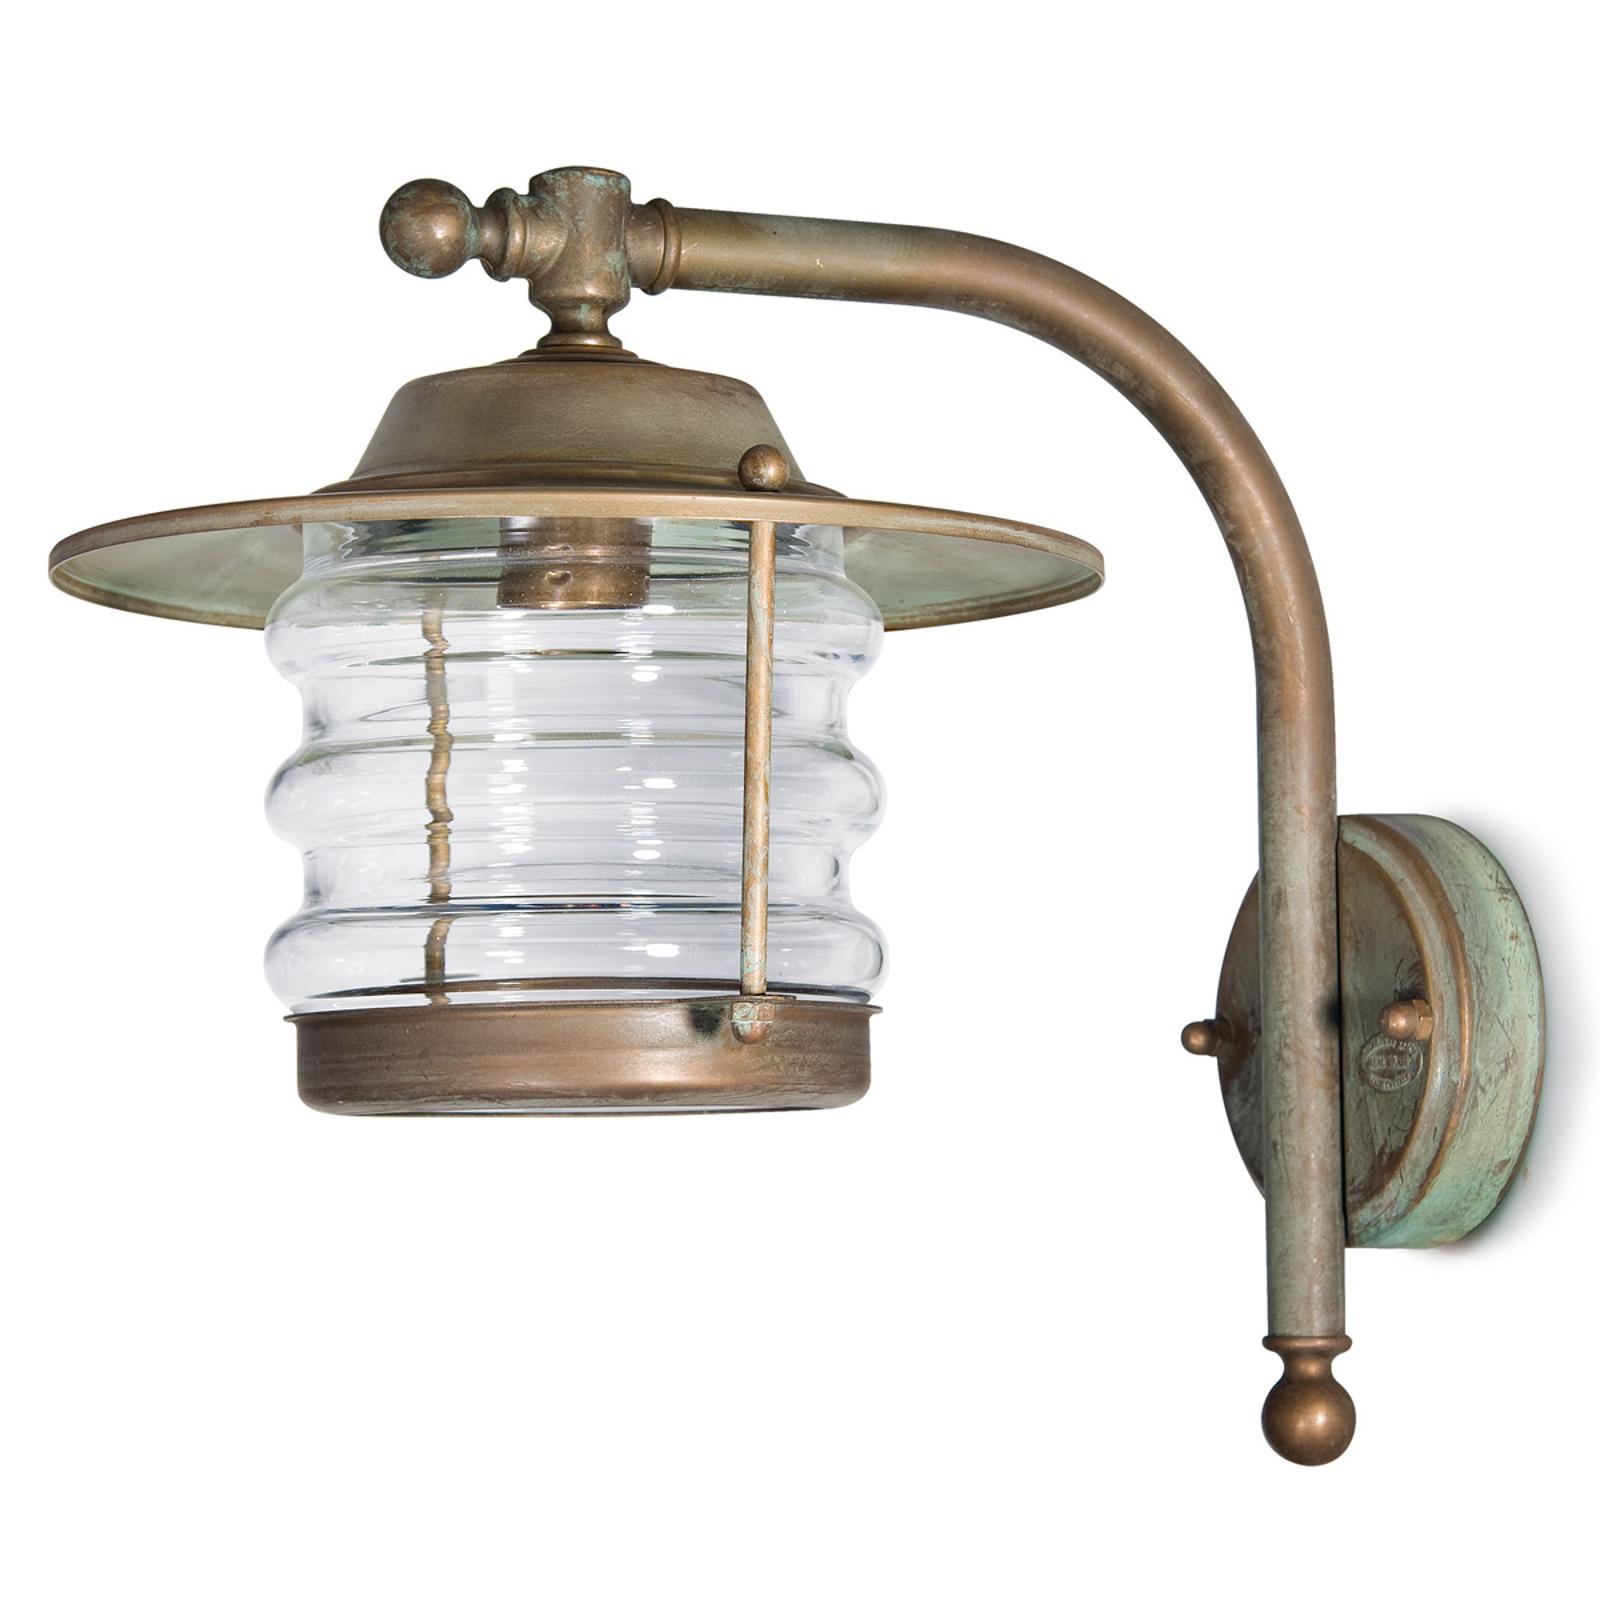 Lantaarn-buitenlamp Adessora - zeewaterbestendig